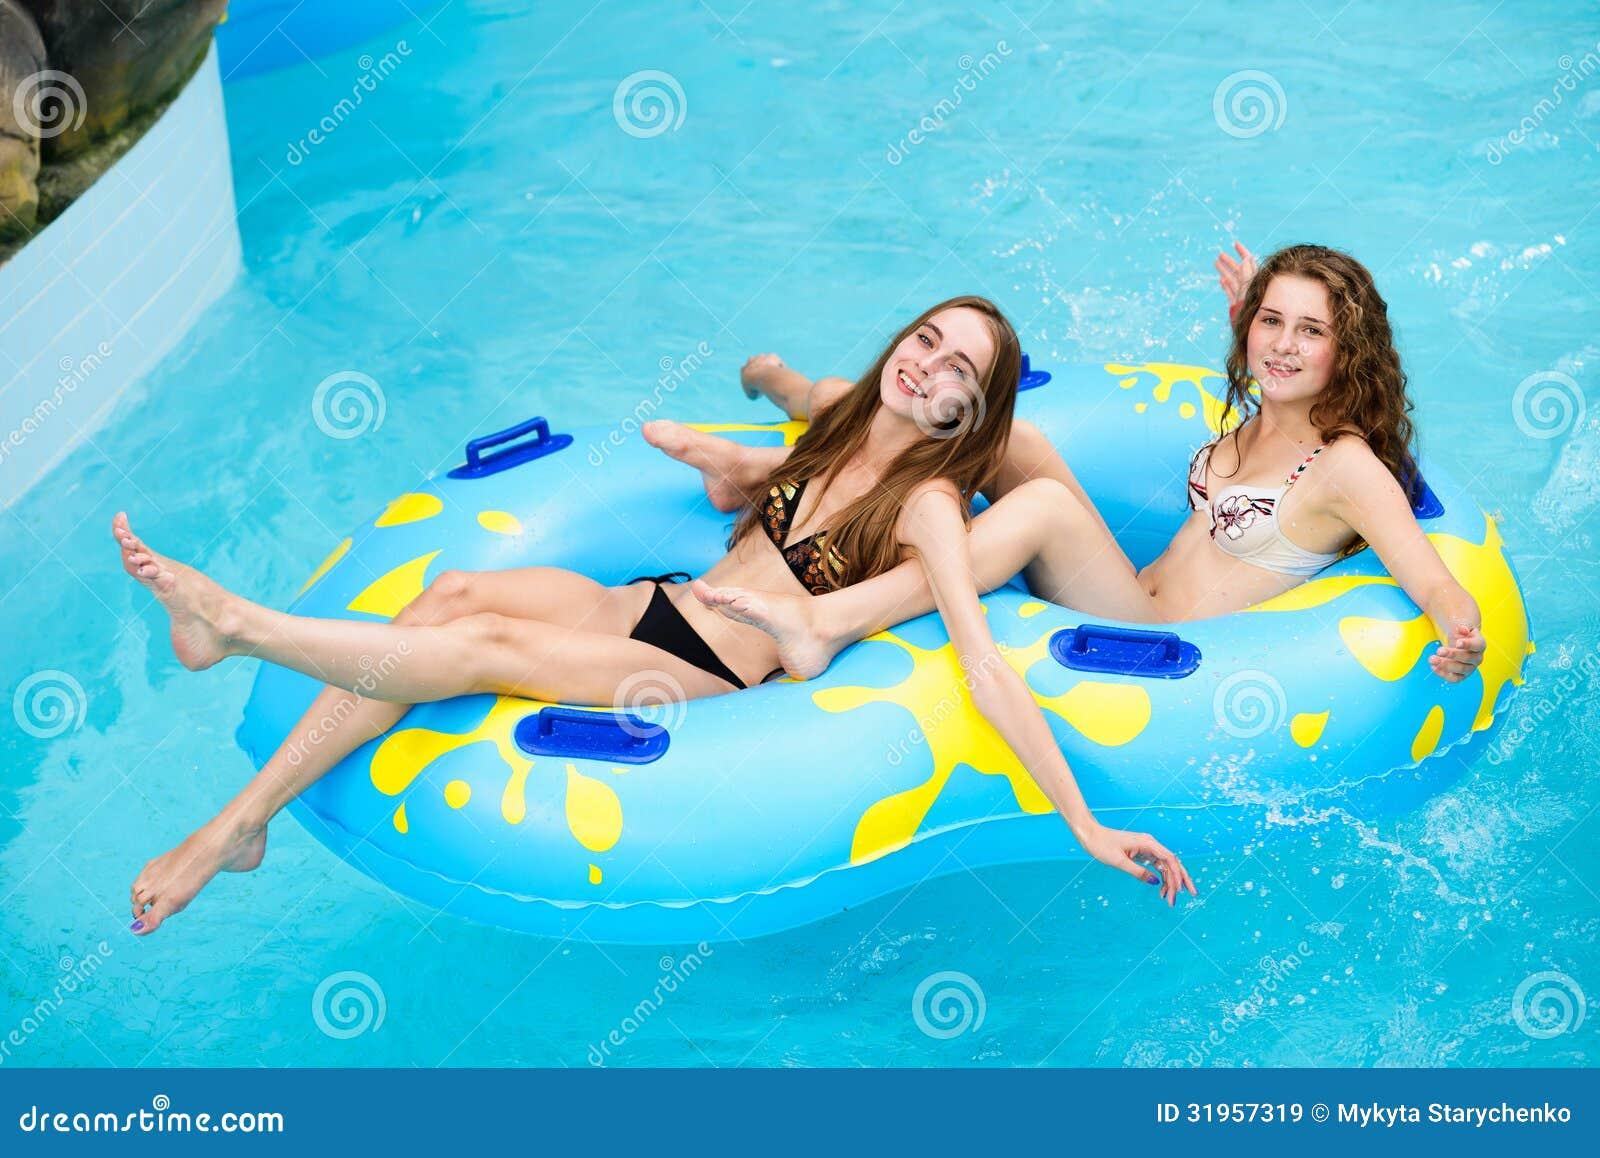 Water slide bikini tube